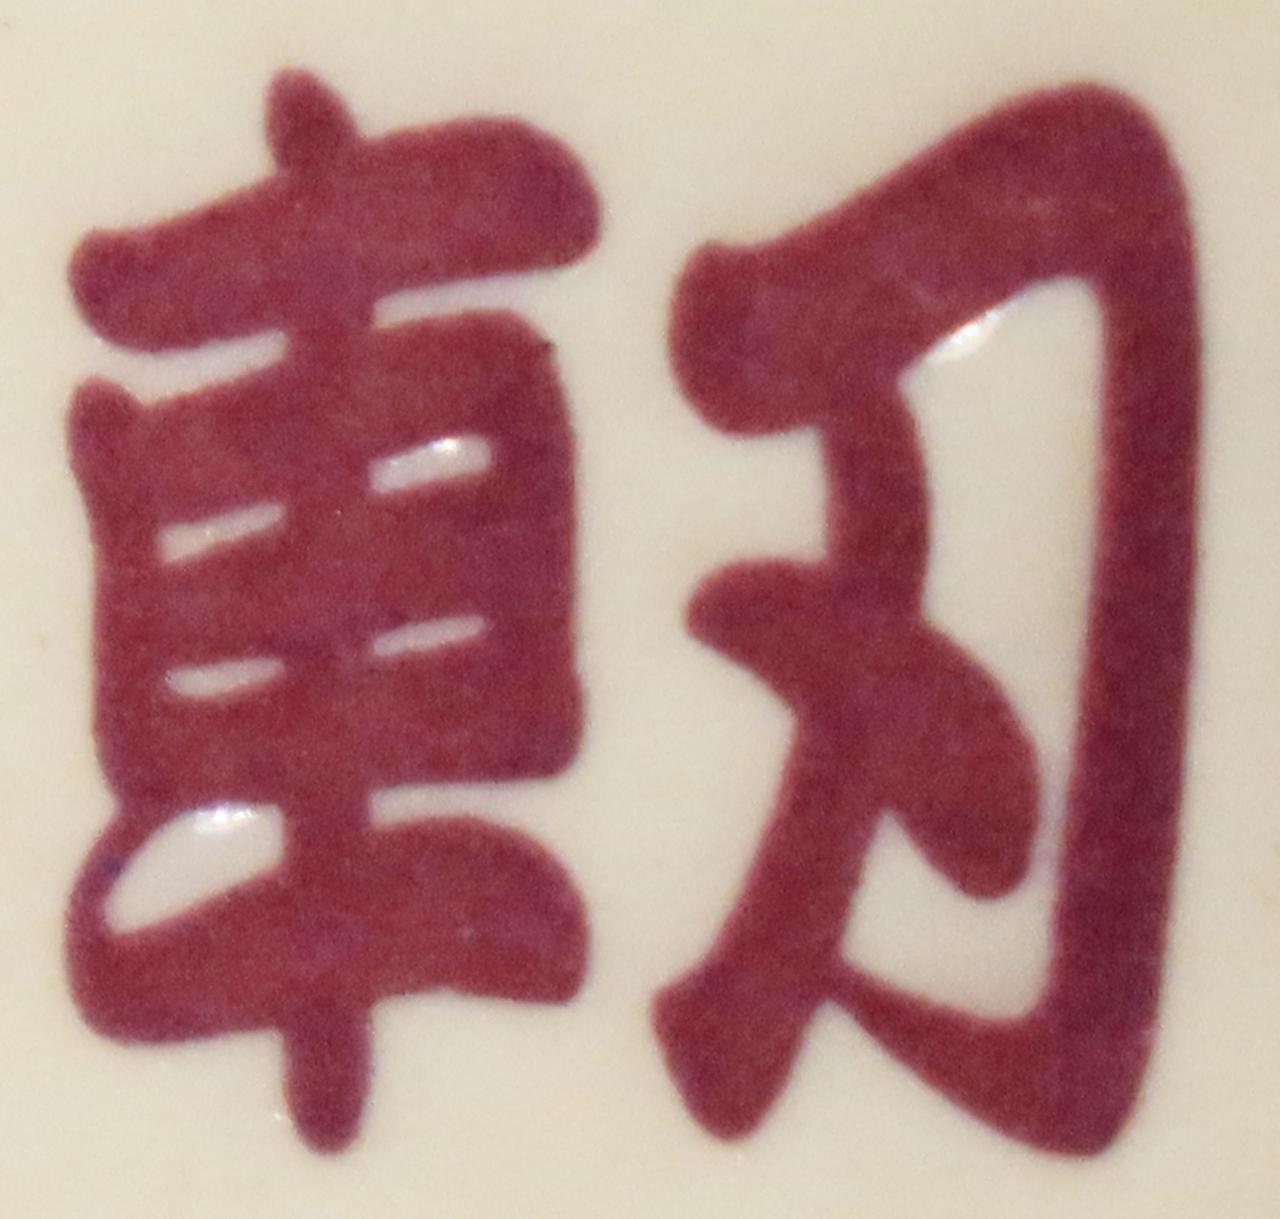 画像1: スズキ「湯呑」の2020年モデルはハイグリップ化に成功!? 創作漢字クイズもあるよ!【スズキ アルティメットクイズ③/難易度☆☆】